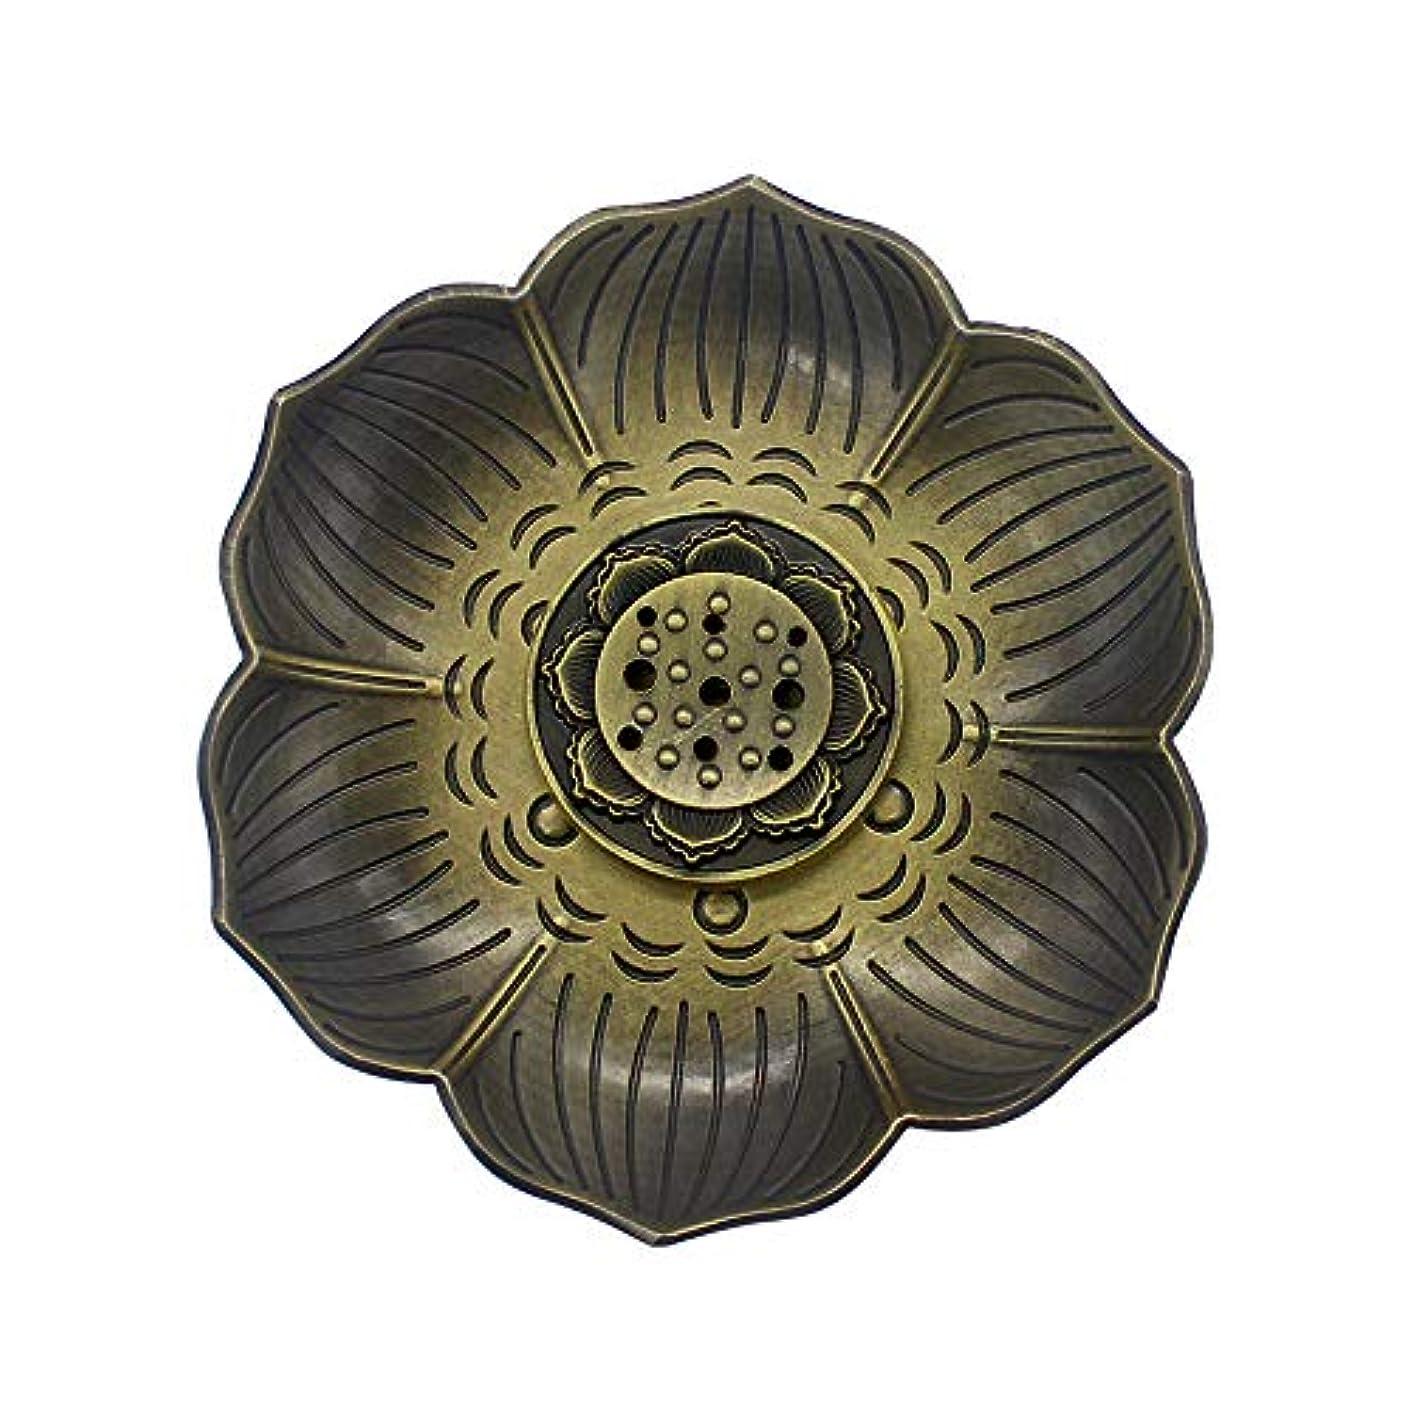 祈る変化するポテトMyLifeUNITブロンズLotus Incenseホルダー、多目的香炉お香の円錐、またはコイル